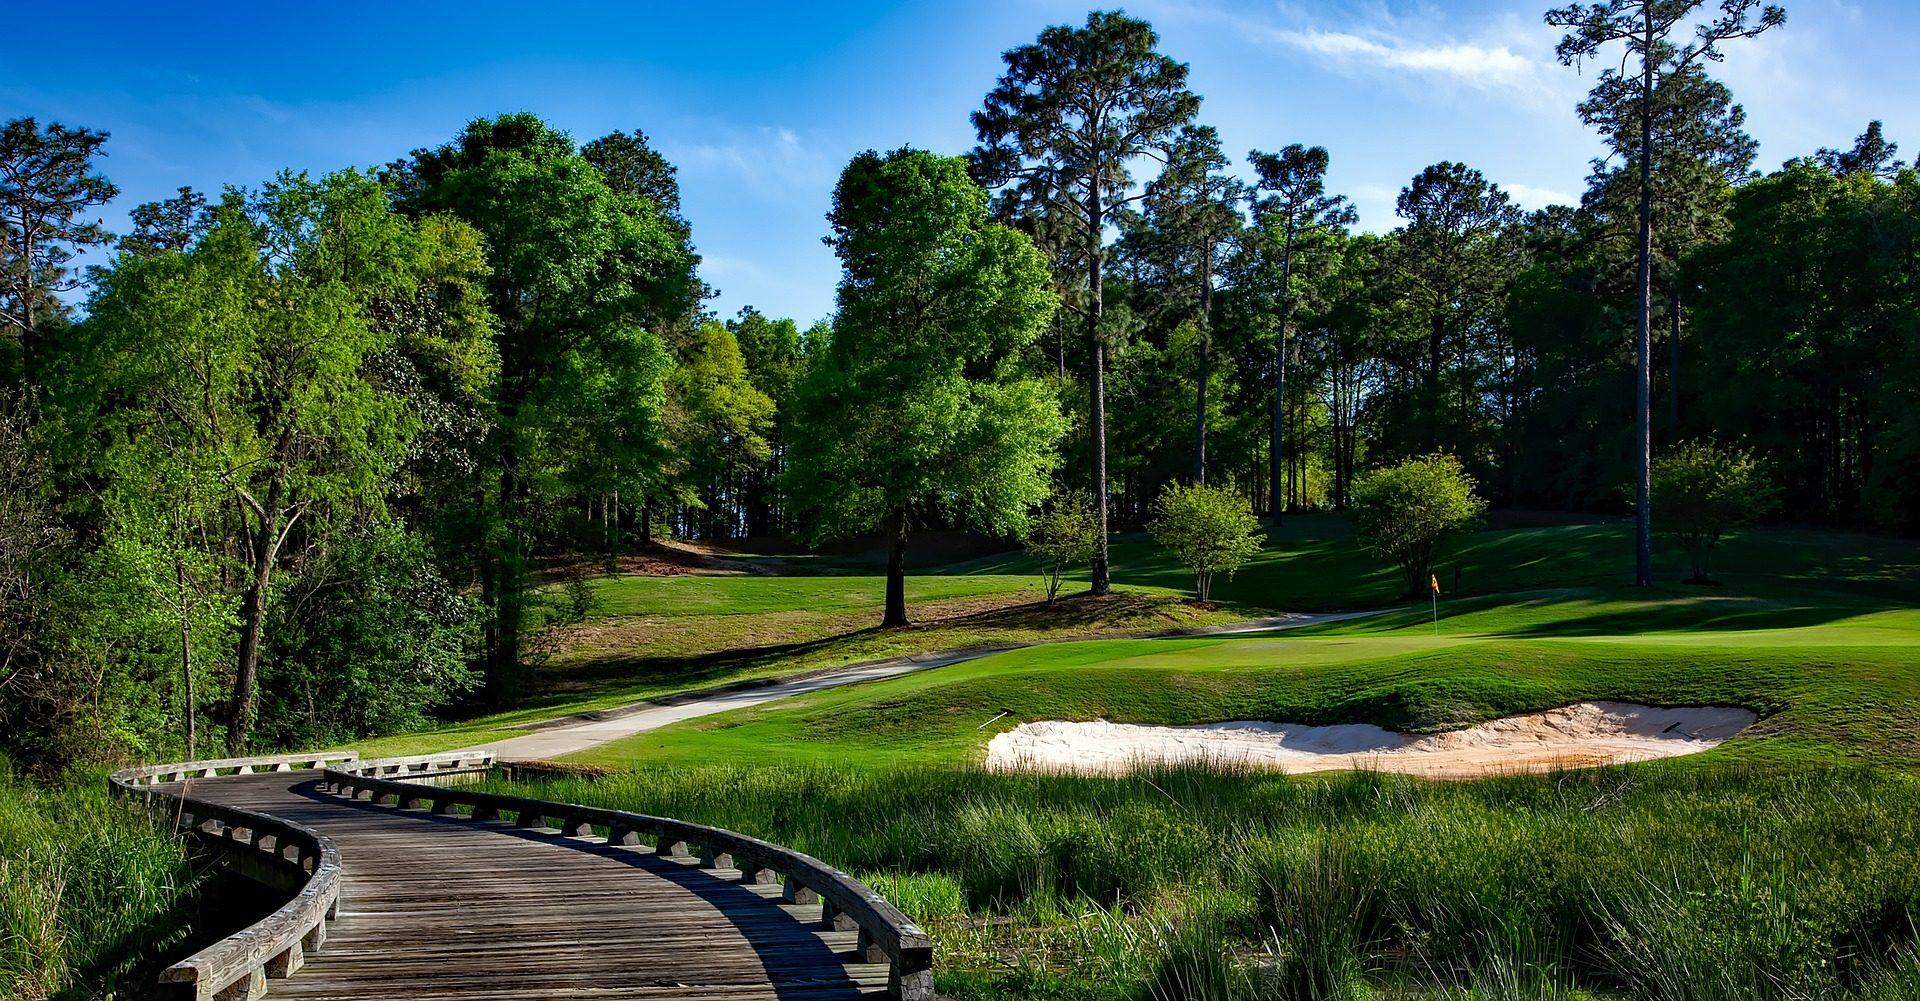 campo, Golf, árvores, Estrada, Terra, buraco - Papéis de parede HD - Professor-falken.com